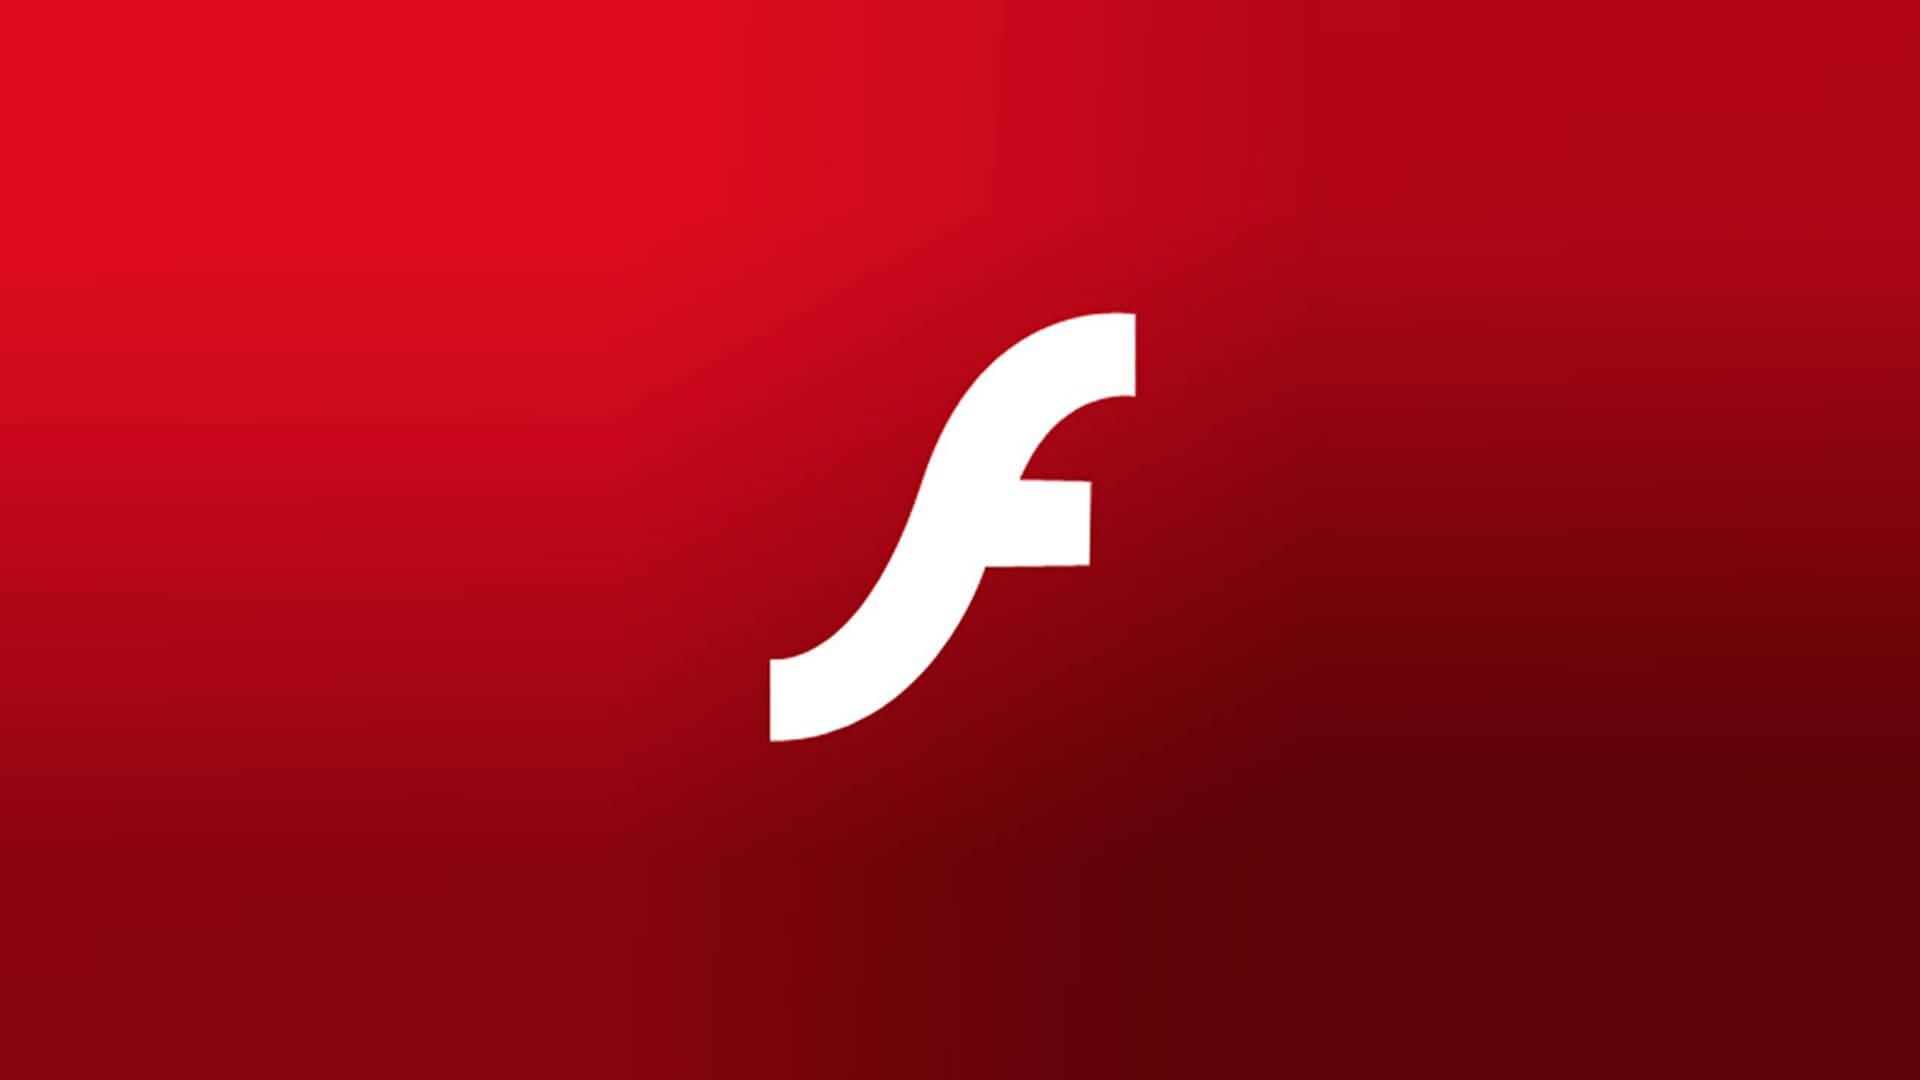 Adobe Flash припинить роботу до 2020 року